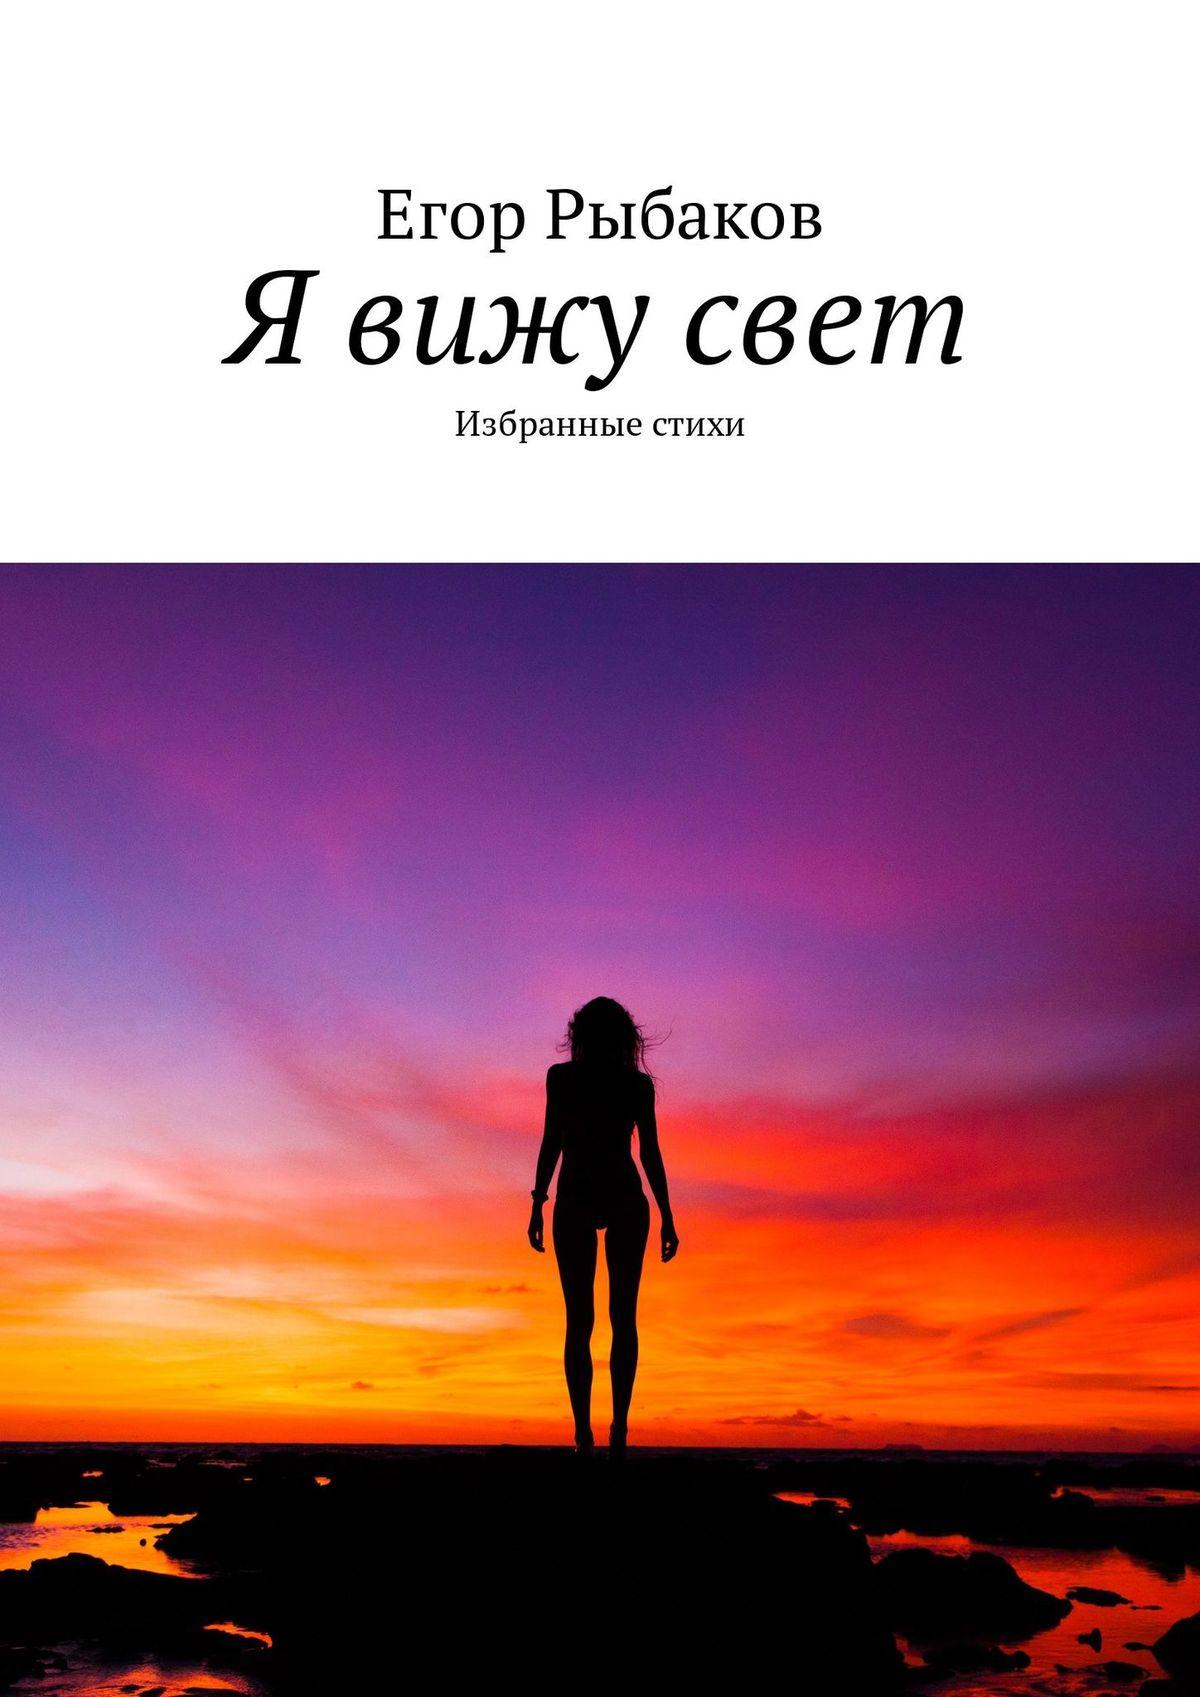 Фото - Егор Рыбаков Я вижу свет. Избранные стихи егор рыбаков твою любовь я вижу в ласковом рассвете избранные стихи